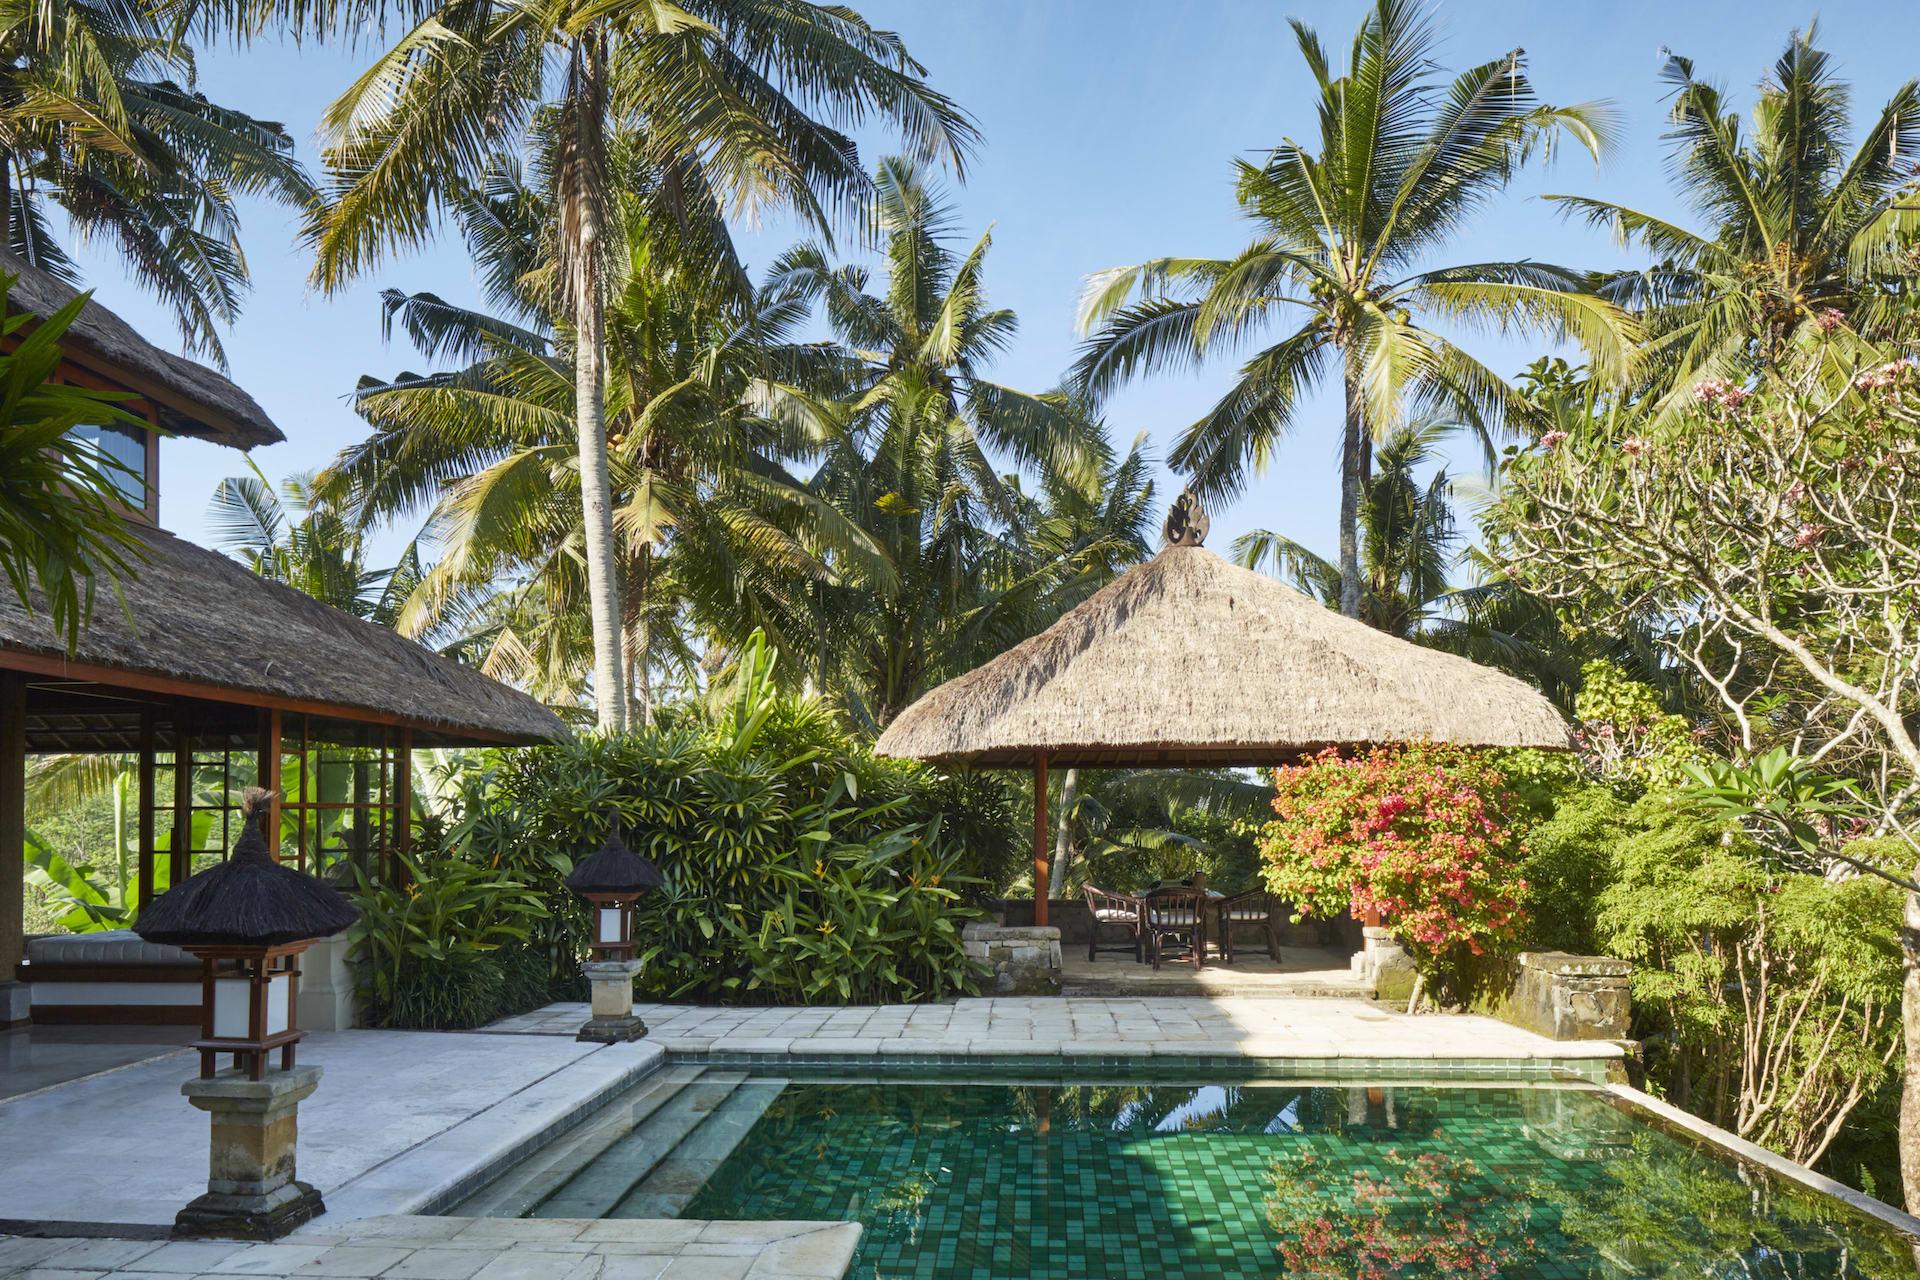 Aman eröffnet neues Luxushotel in Miami Beach 5